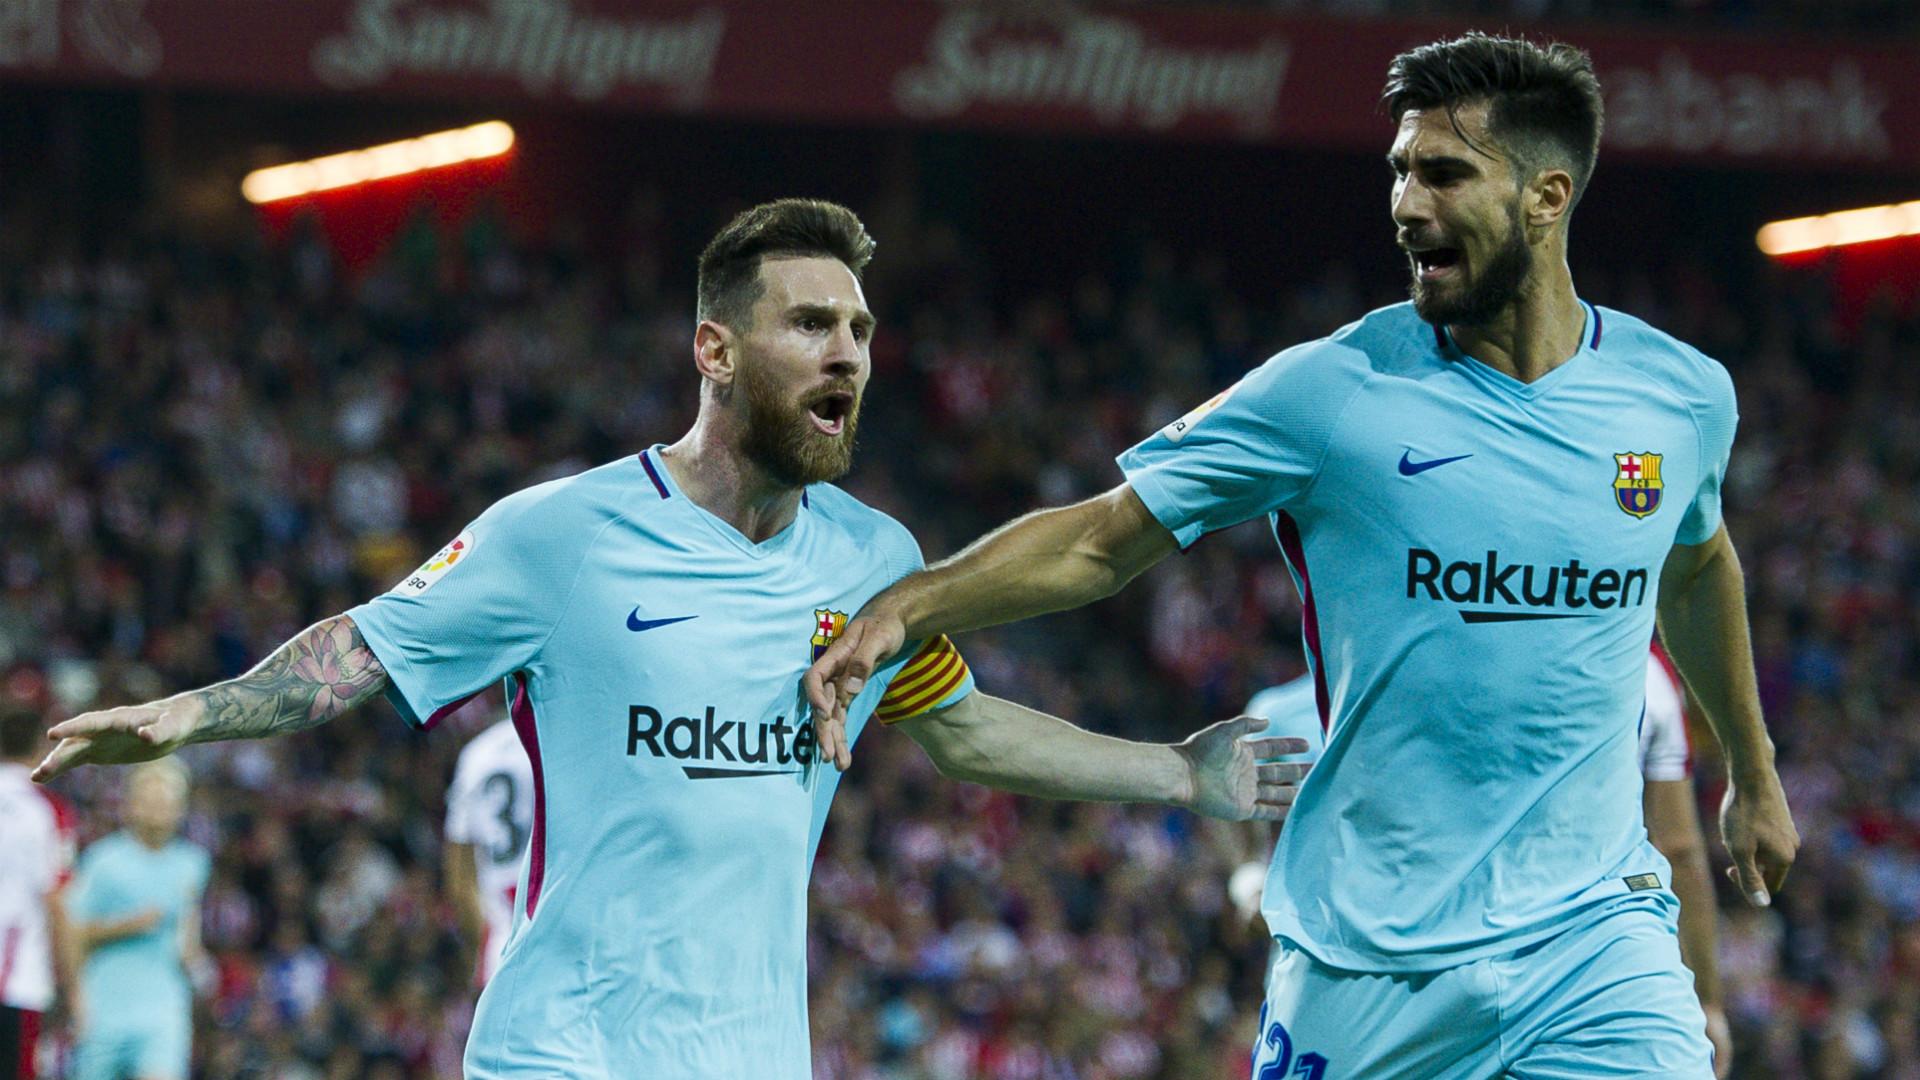 Lionel Messi Andre Gomes Athletic Bilbao Barcelona LaLiga